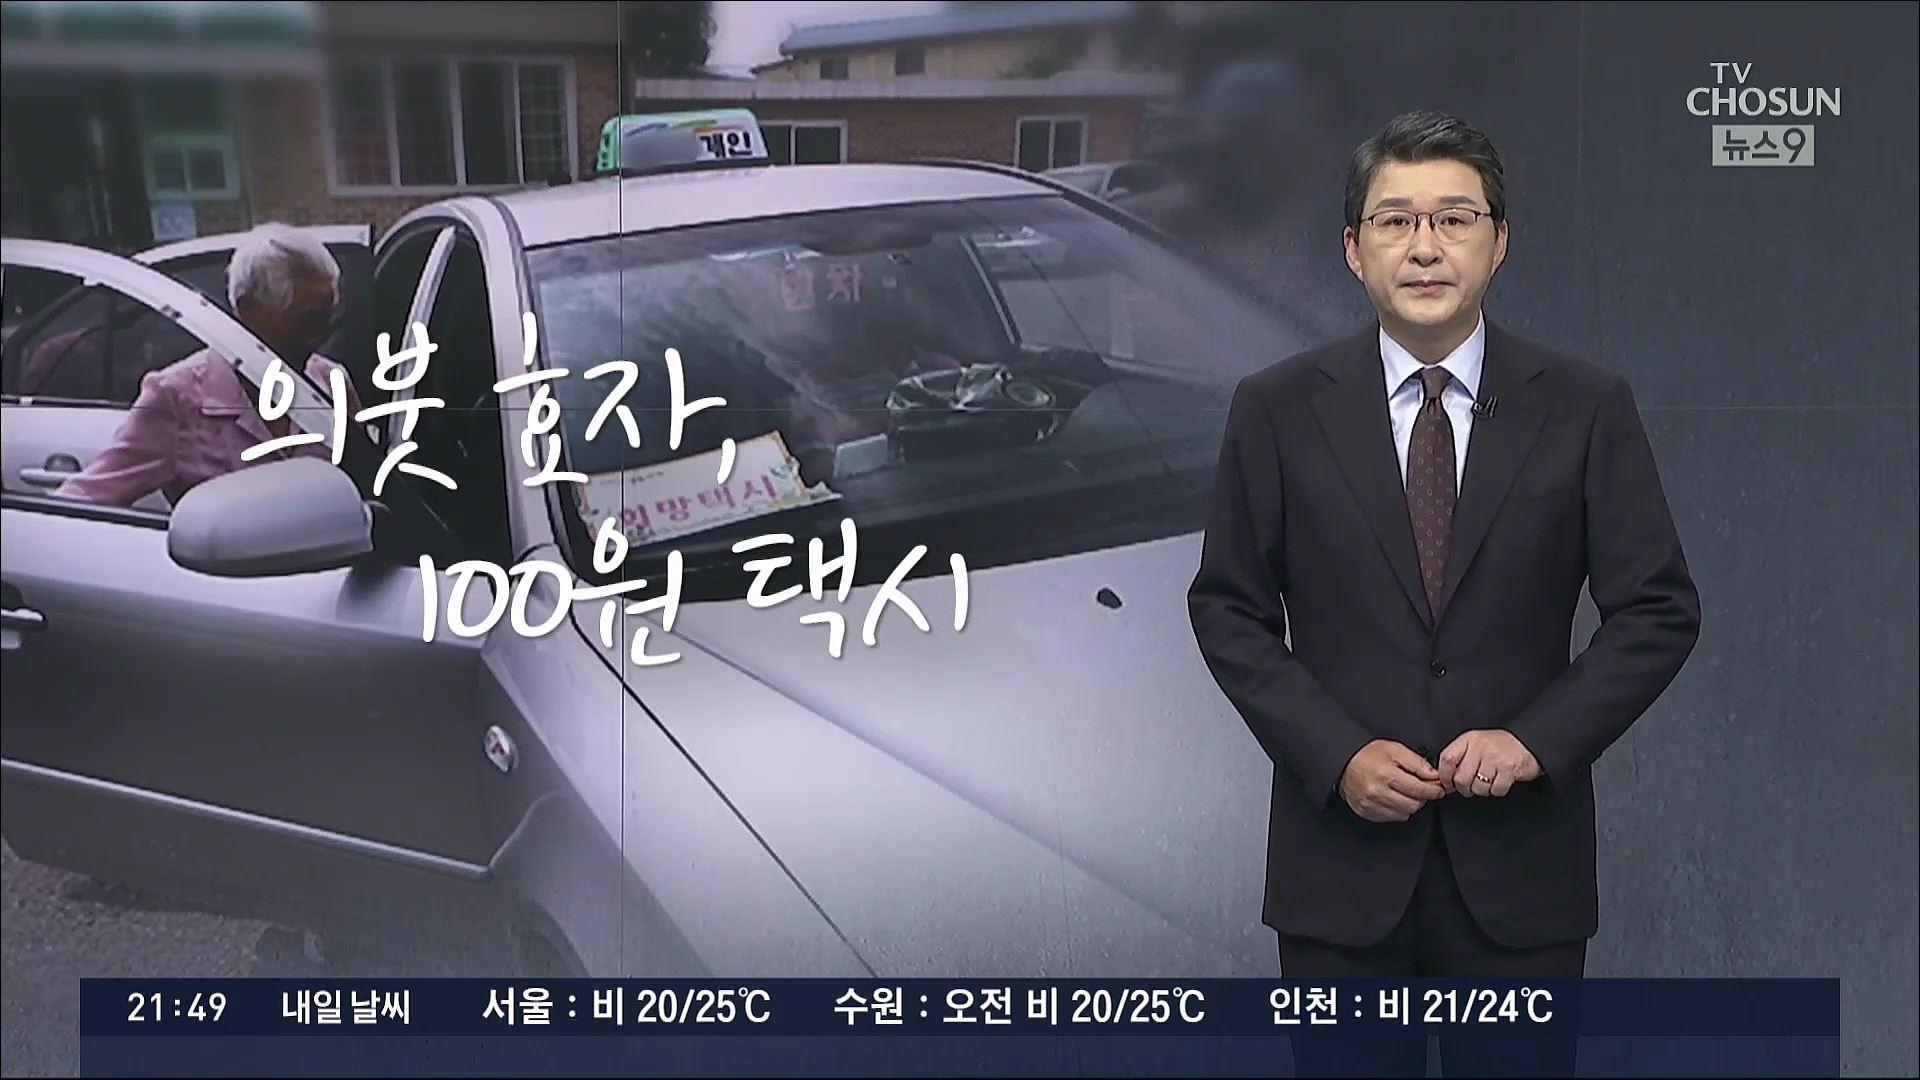 [신동욱 앵커의 시선] 의붓효자, 100원 택시